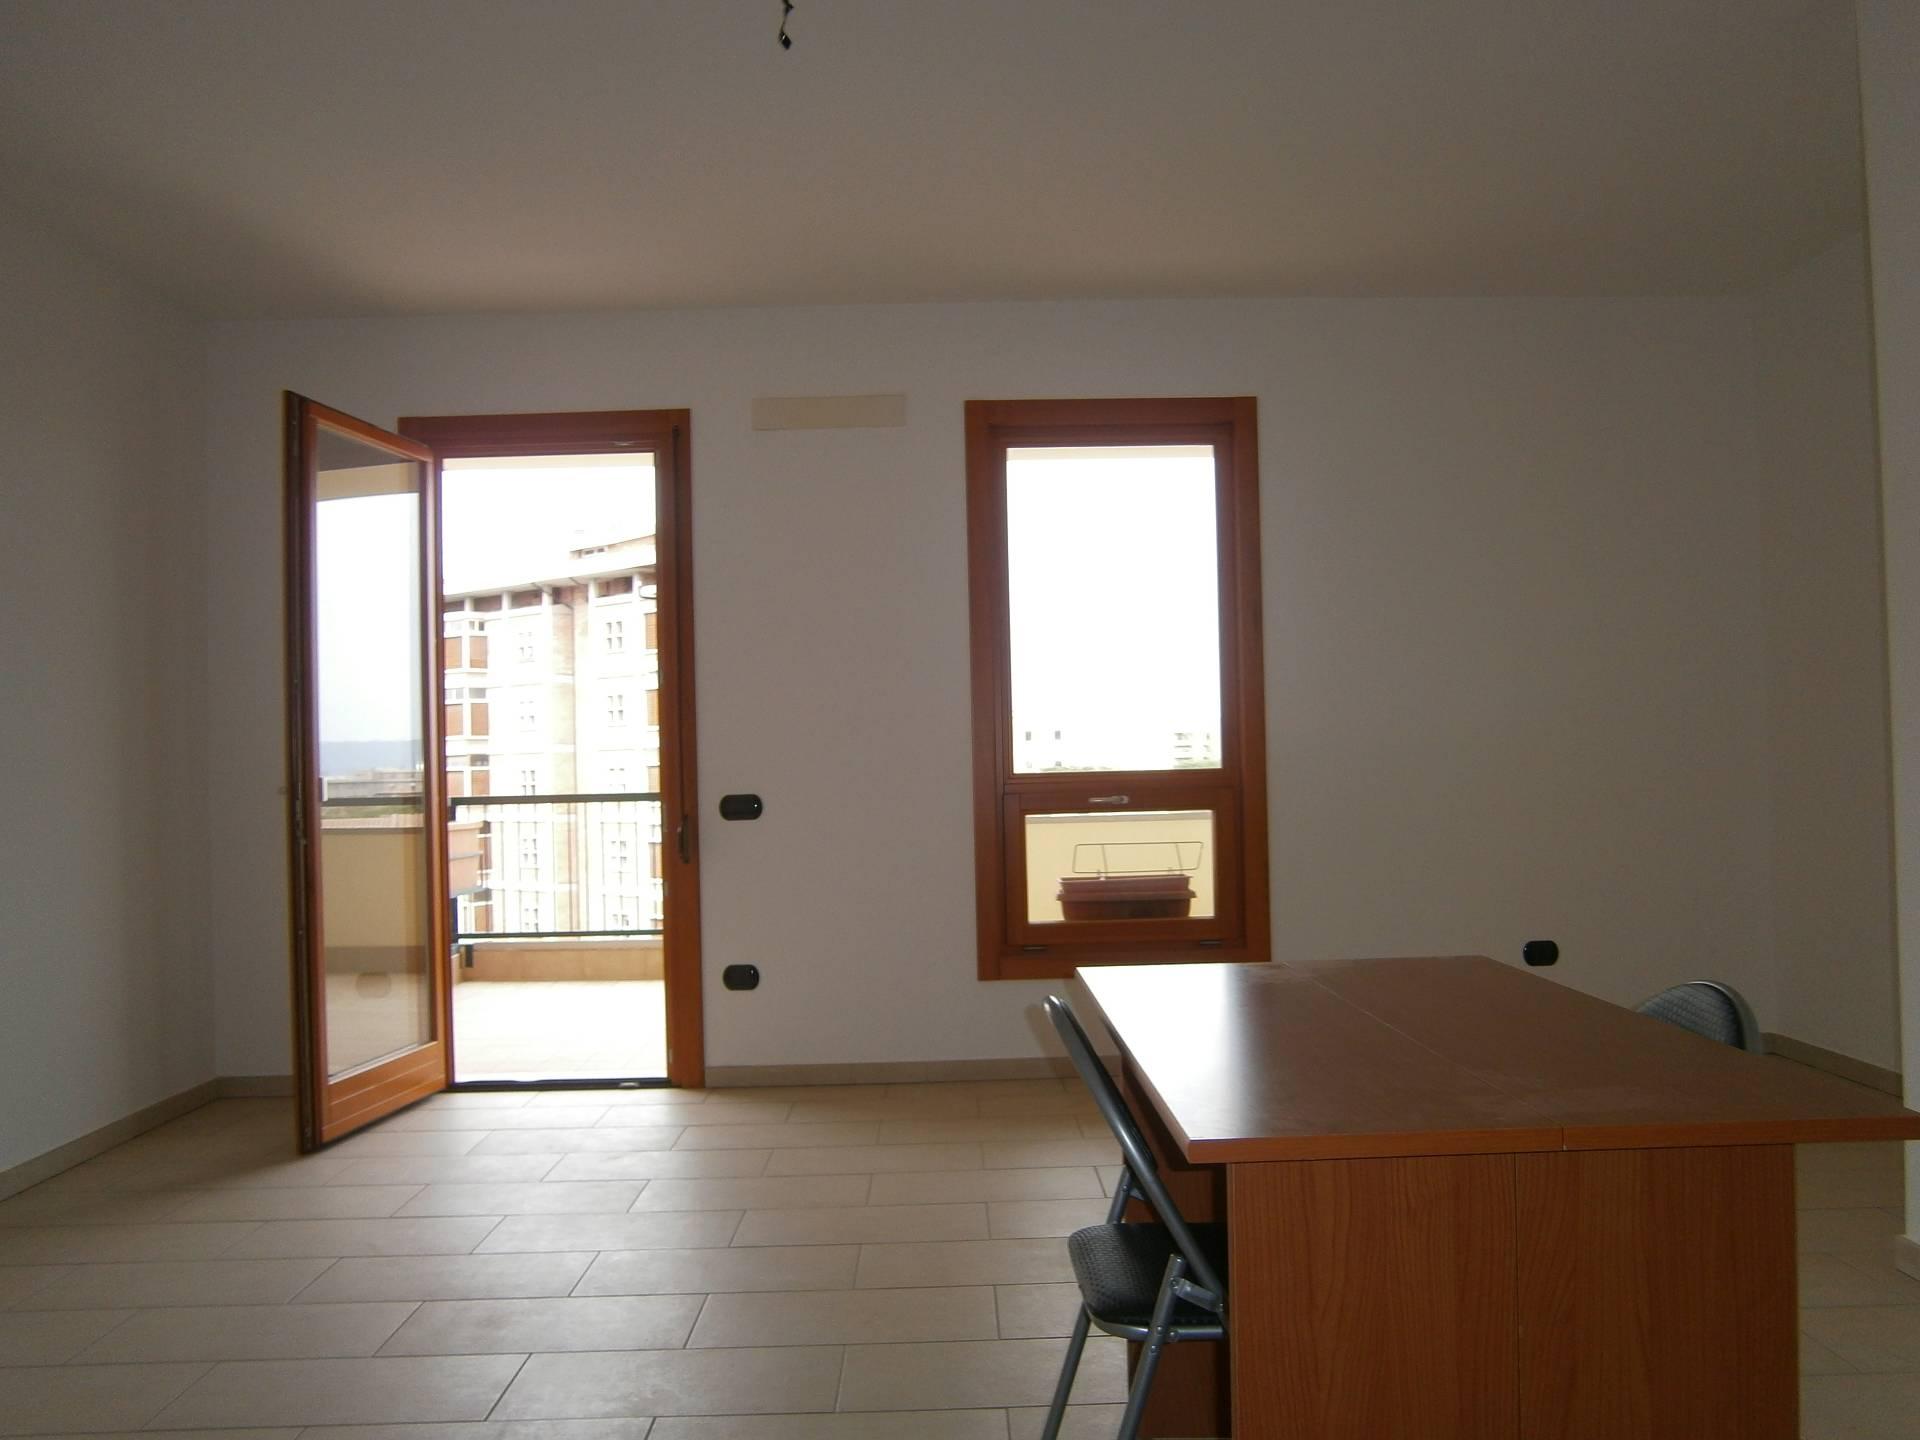 Appartamento in affitto a Cagliari, 3 locali, zona Località: IsMirrionis, prezzo € 700 | Cambio Casa.it